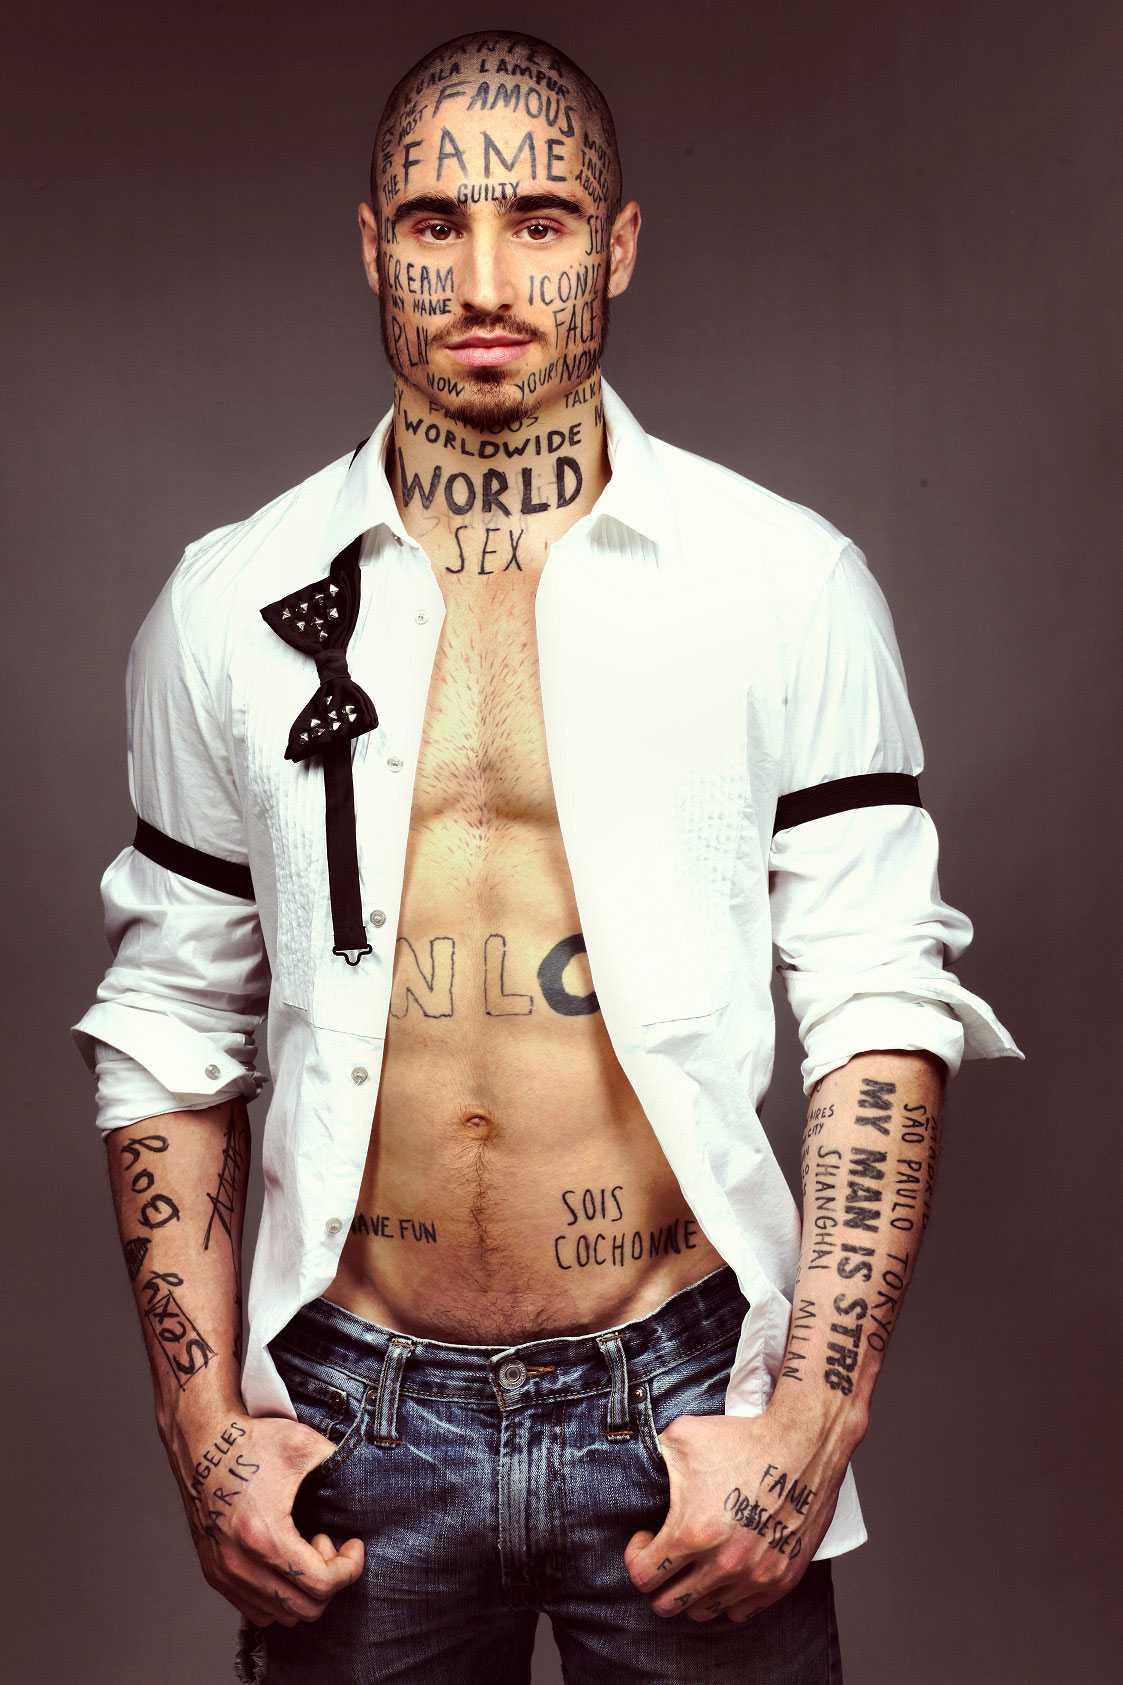 Förutom tatueringarna i ansiktet så har han också gaddat in hårstrån på sitt bröst.